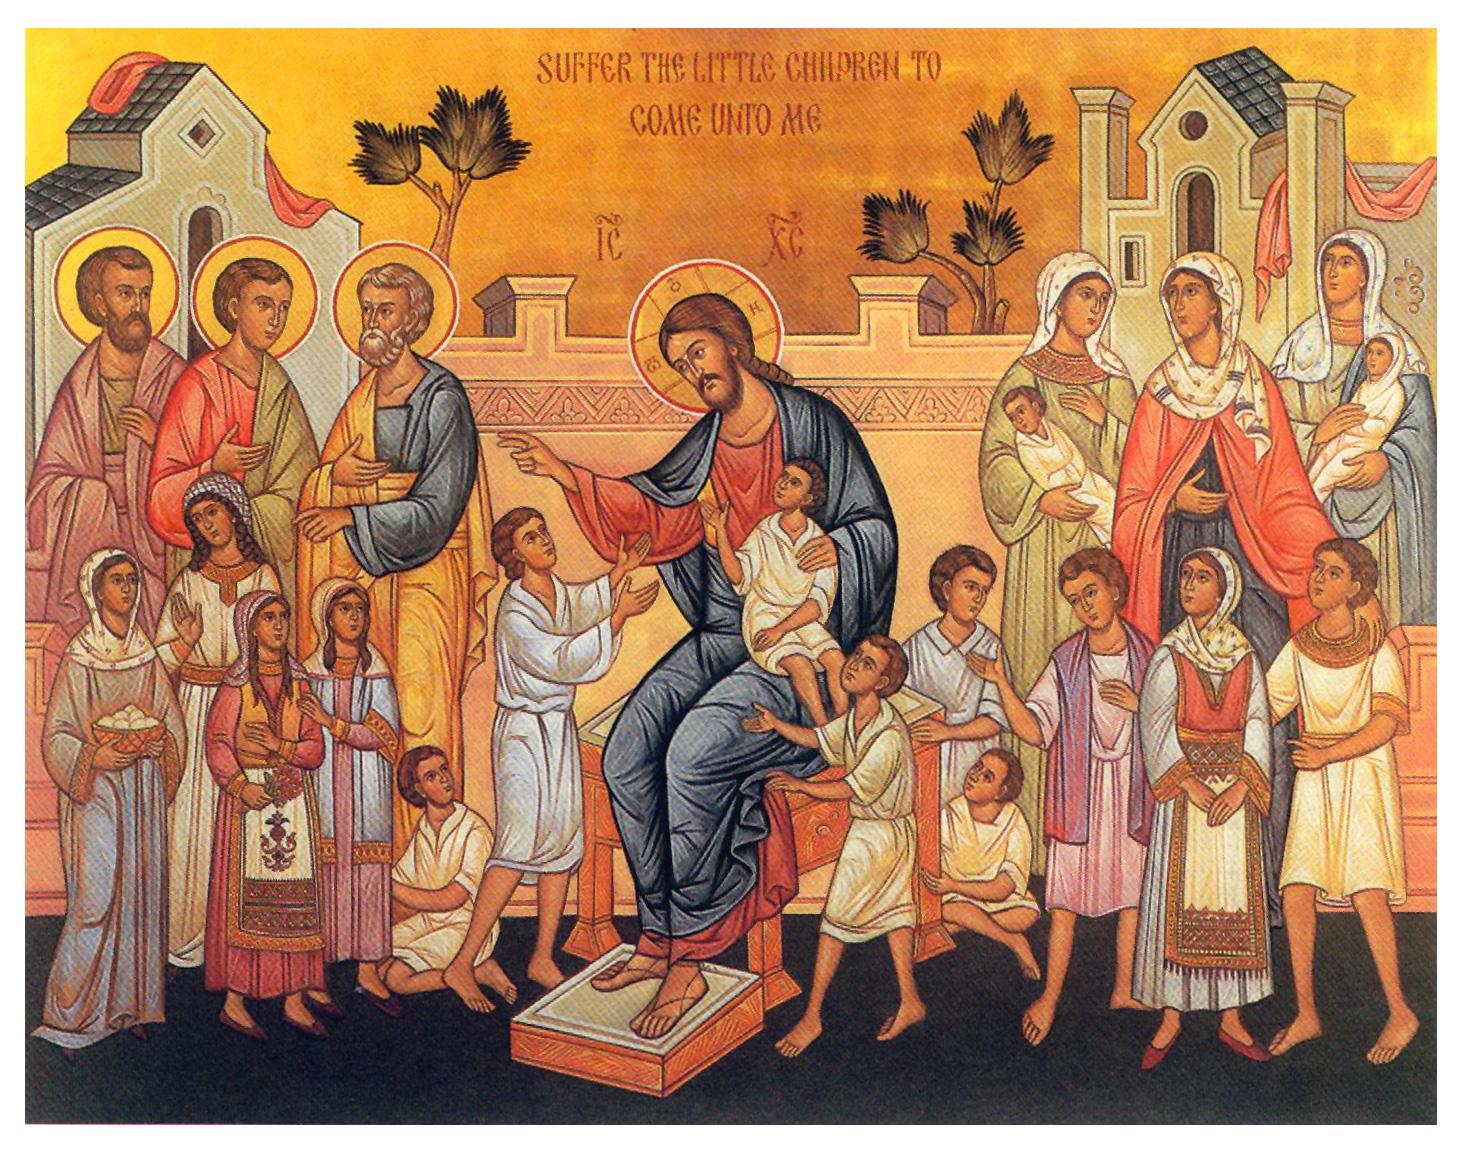 Gesù e i bambini dans immagini sacre christ-children